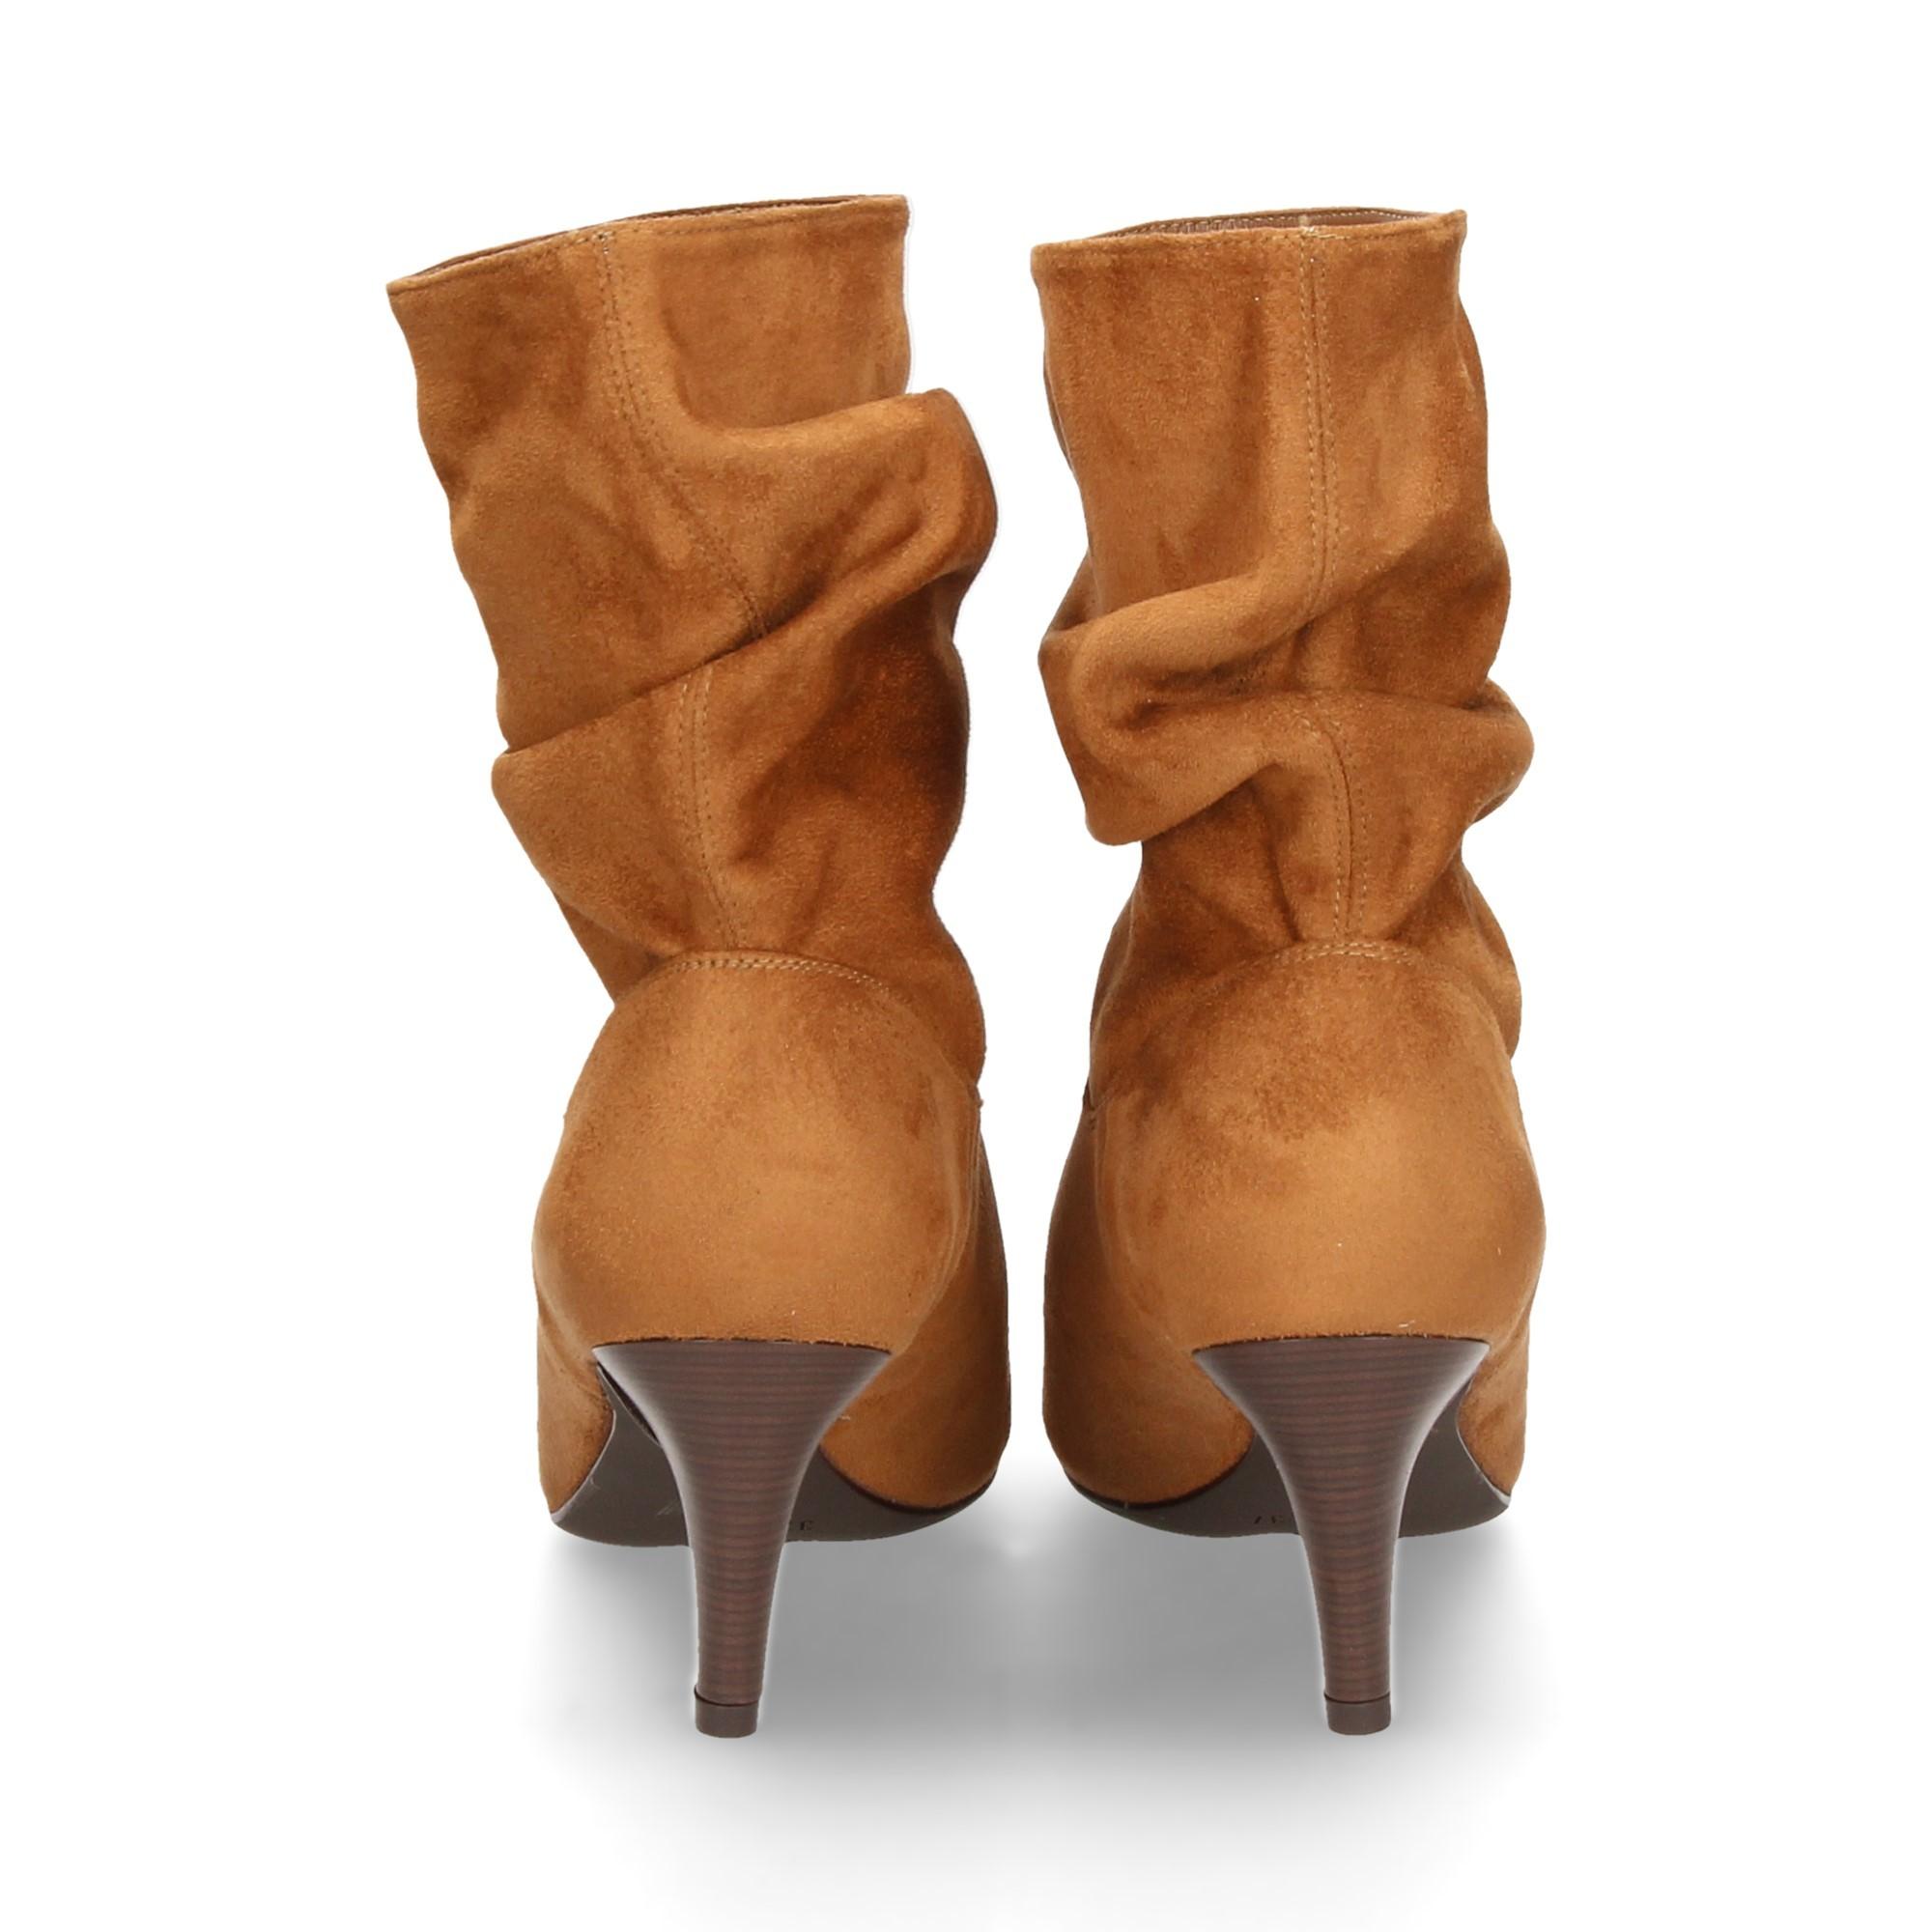 bota-ante-strech-arrugado-camel